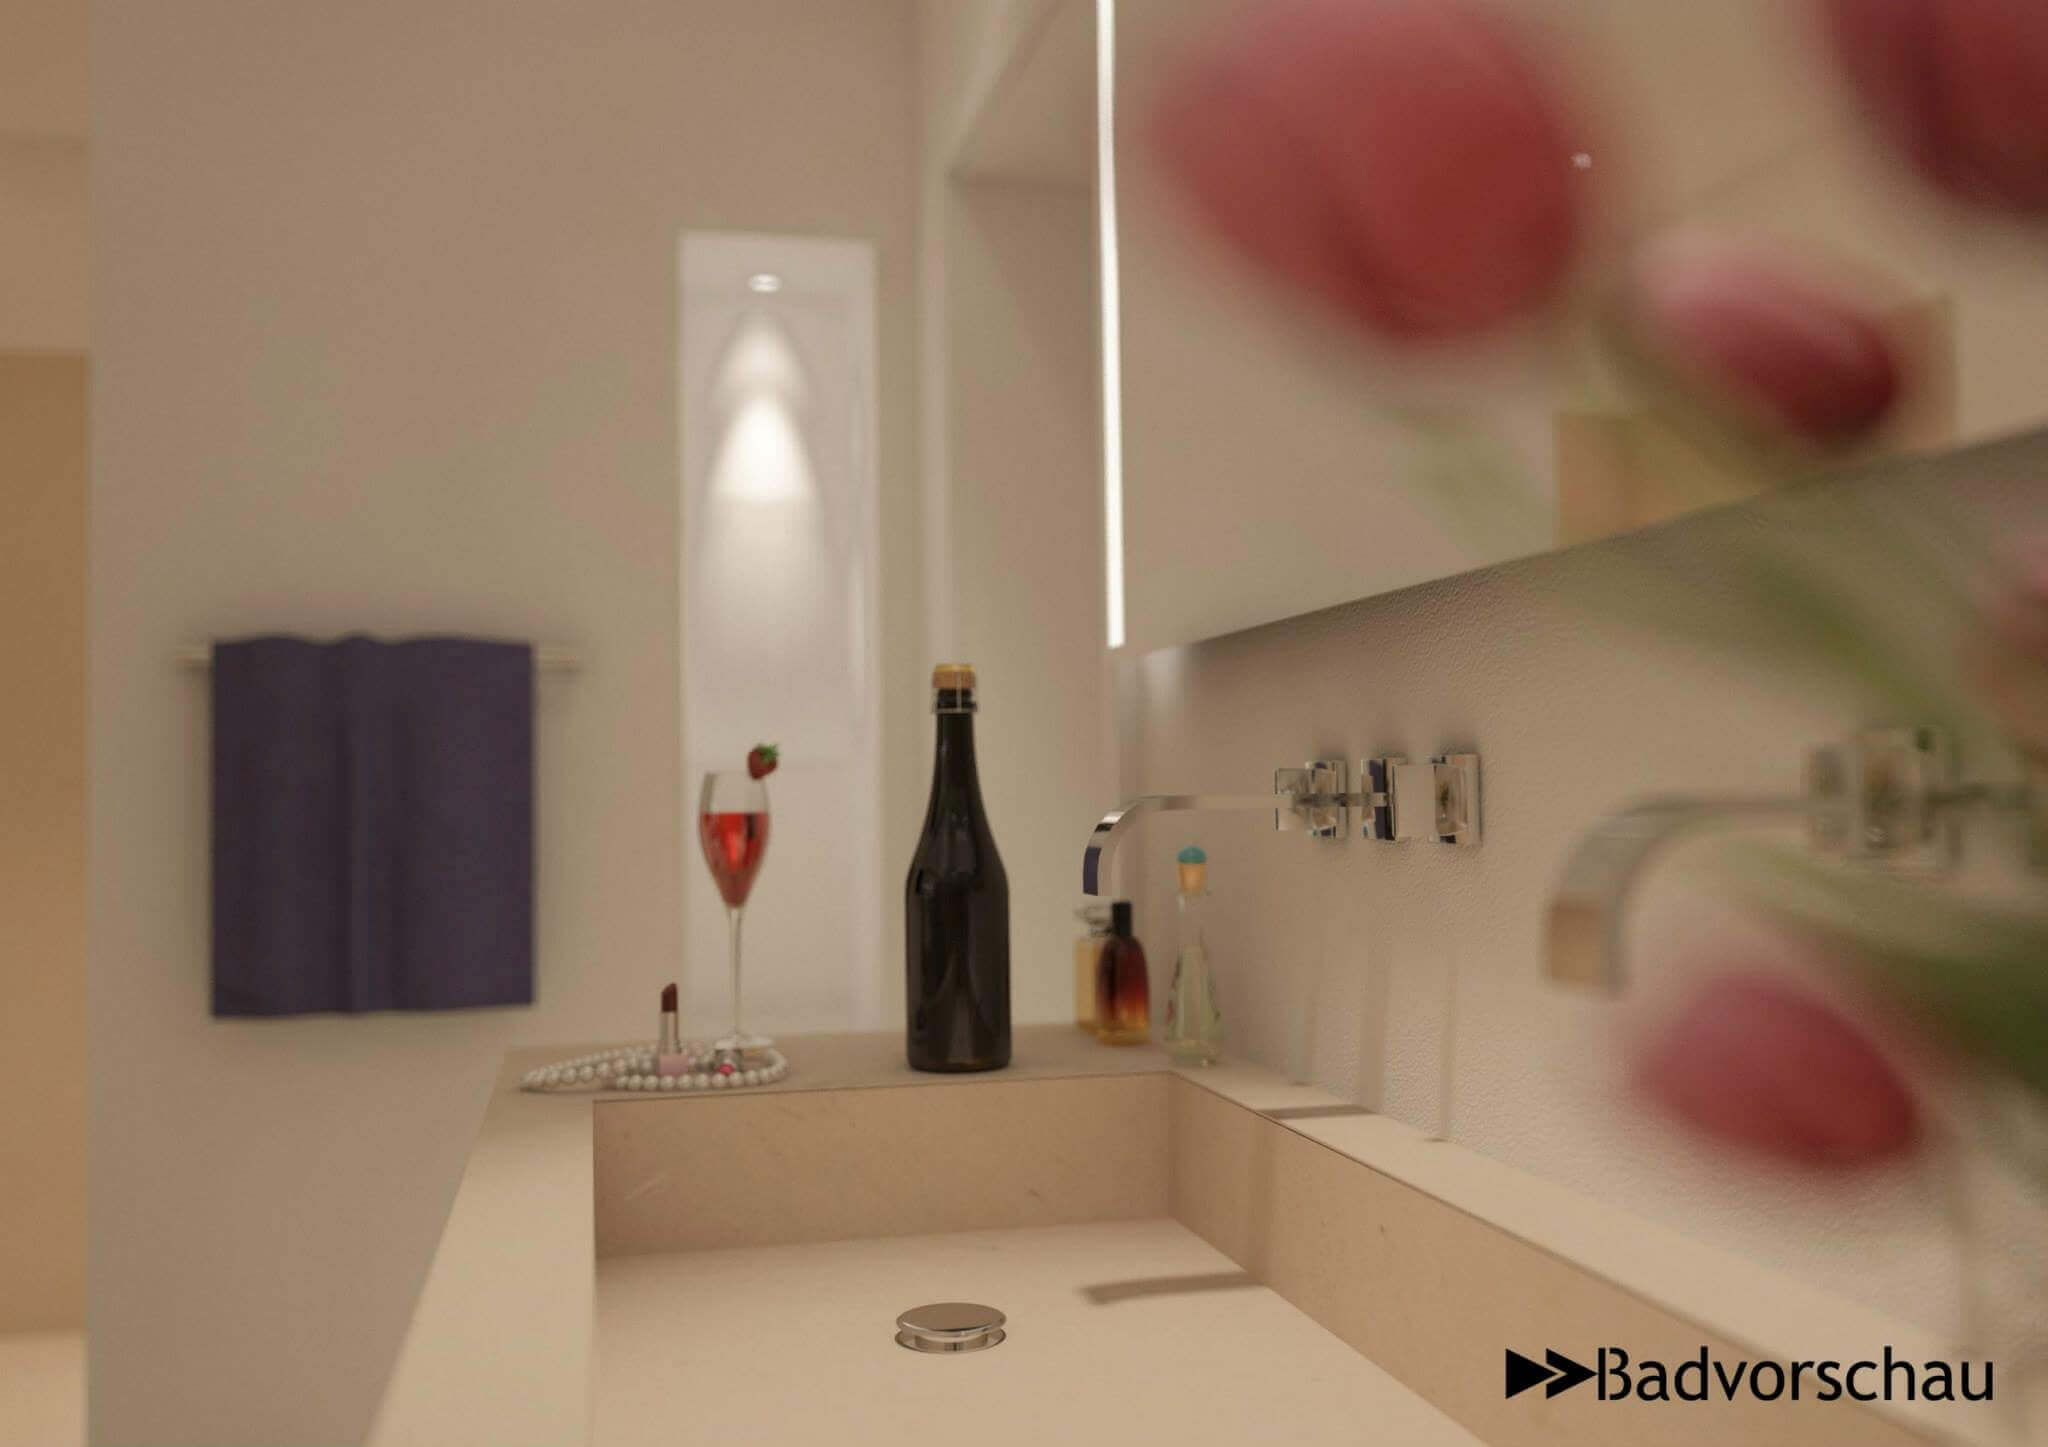 3D VISUALISIERUNG Architekturvisualisierung Rendering 3D Artisten fotorealistische Bilder Torsten Mueller Bad Honnef Cologne